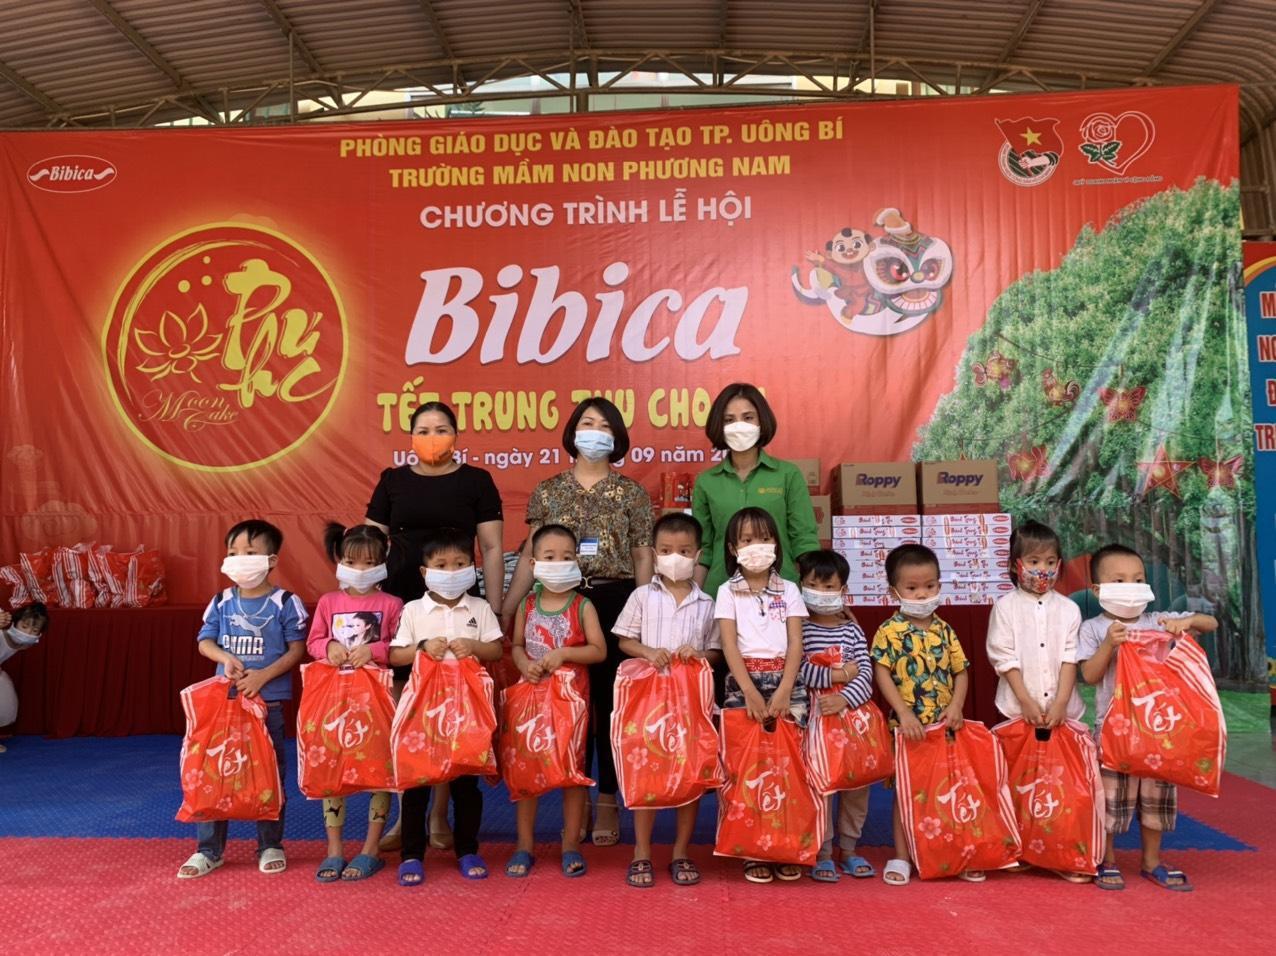 Tết Trung Thu Cho Em - Mùa 2 đã được Bibica triển khai tại 17 tỉnh thành trên toàn quốc - Ảnh 2.